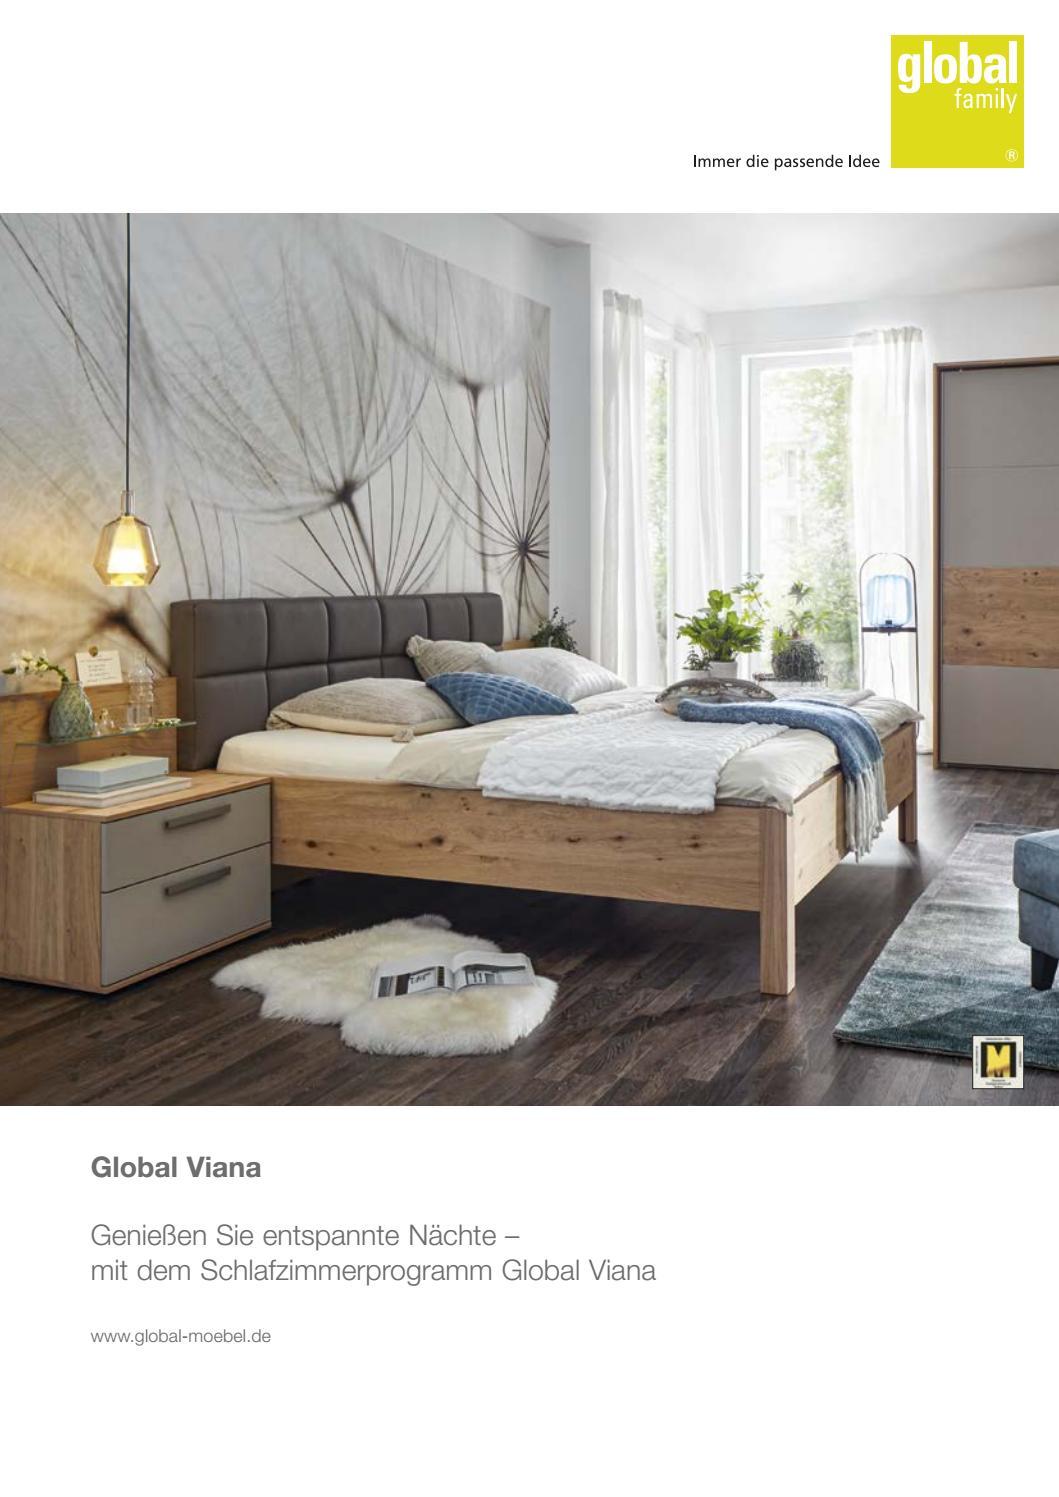 Global Modell Viana by nldm issuu